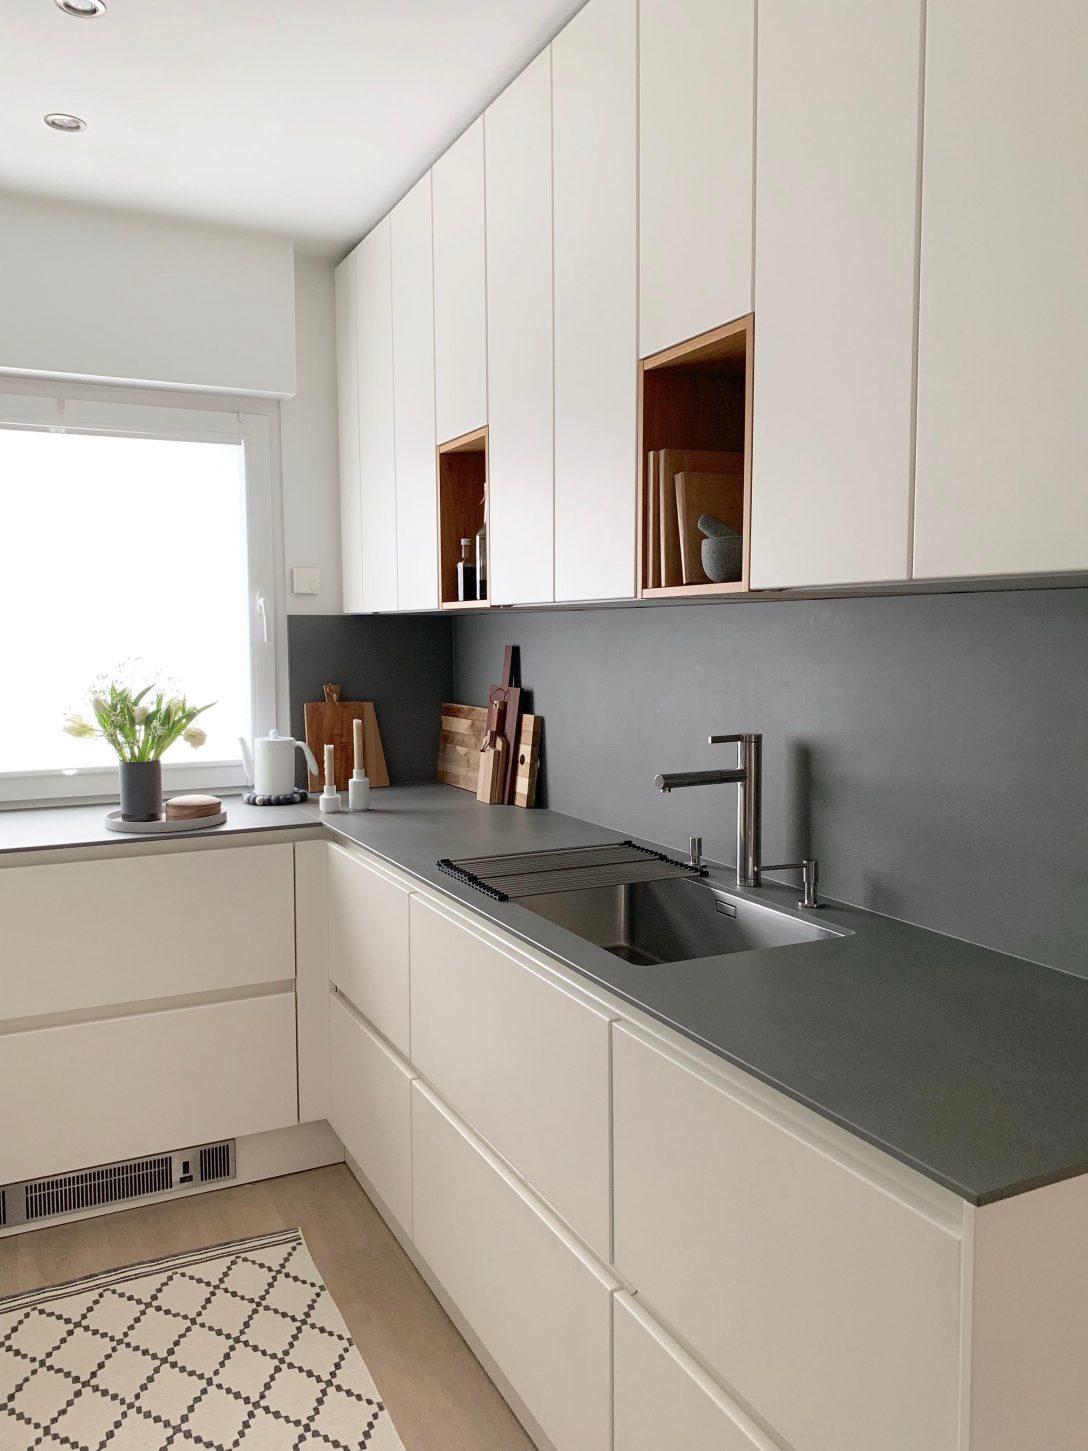 Large Size of Einbauküche Für Kleine Küchen Kleine Wohnung Mit Einbauküche Kleine Einbauküche Ikea Kleine Einbauküche Preis Küche Kleine Einbauküche